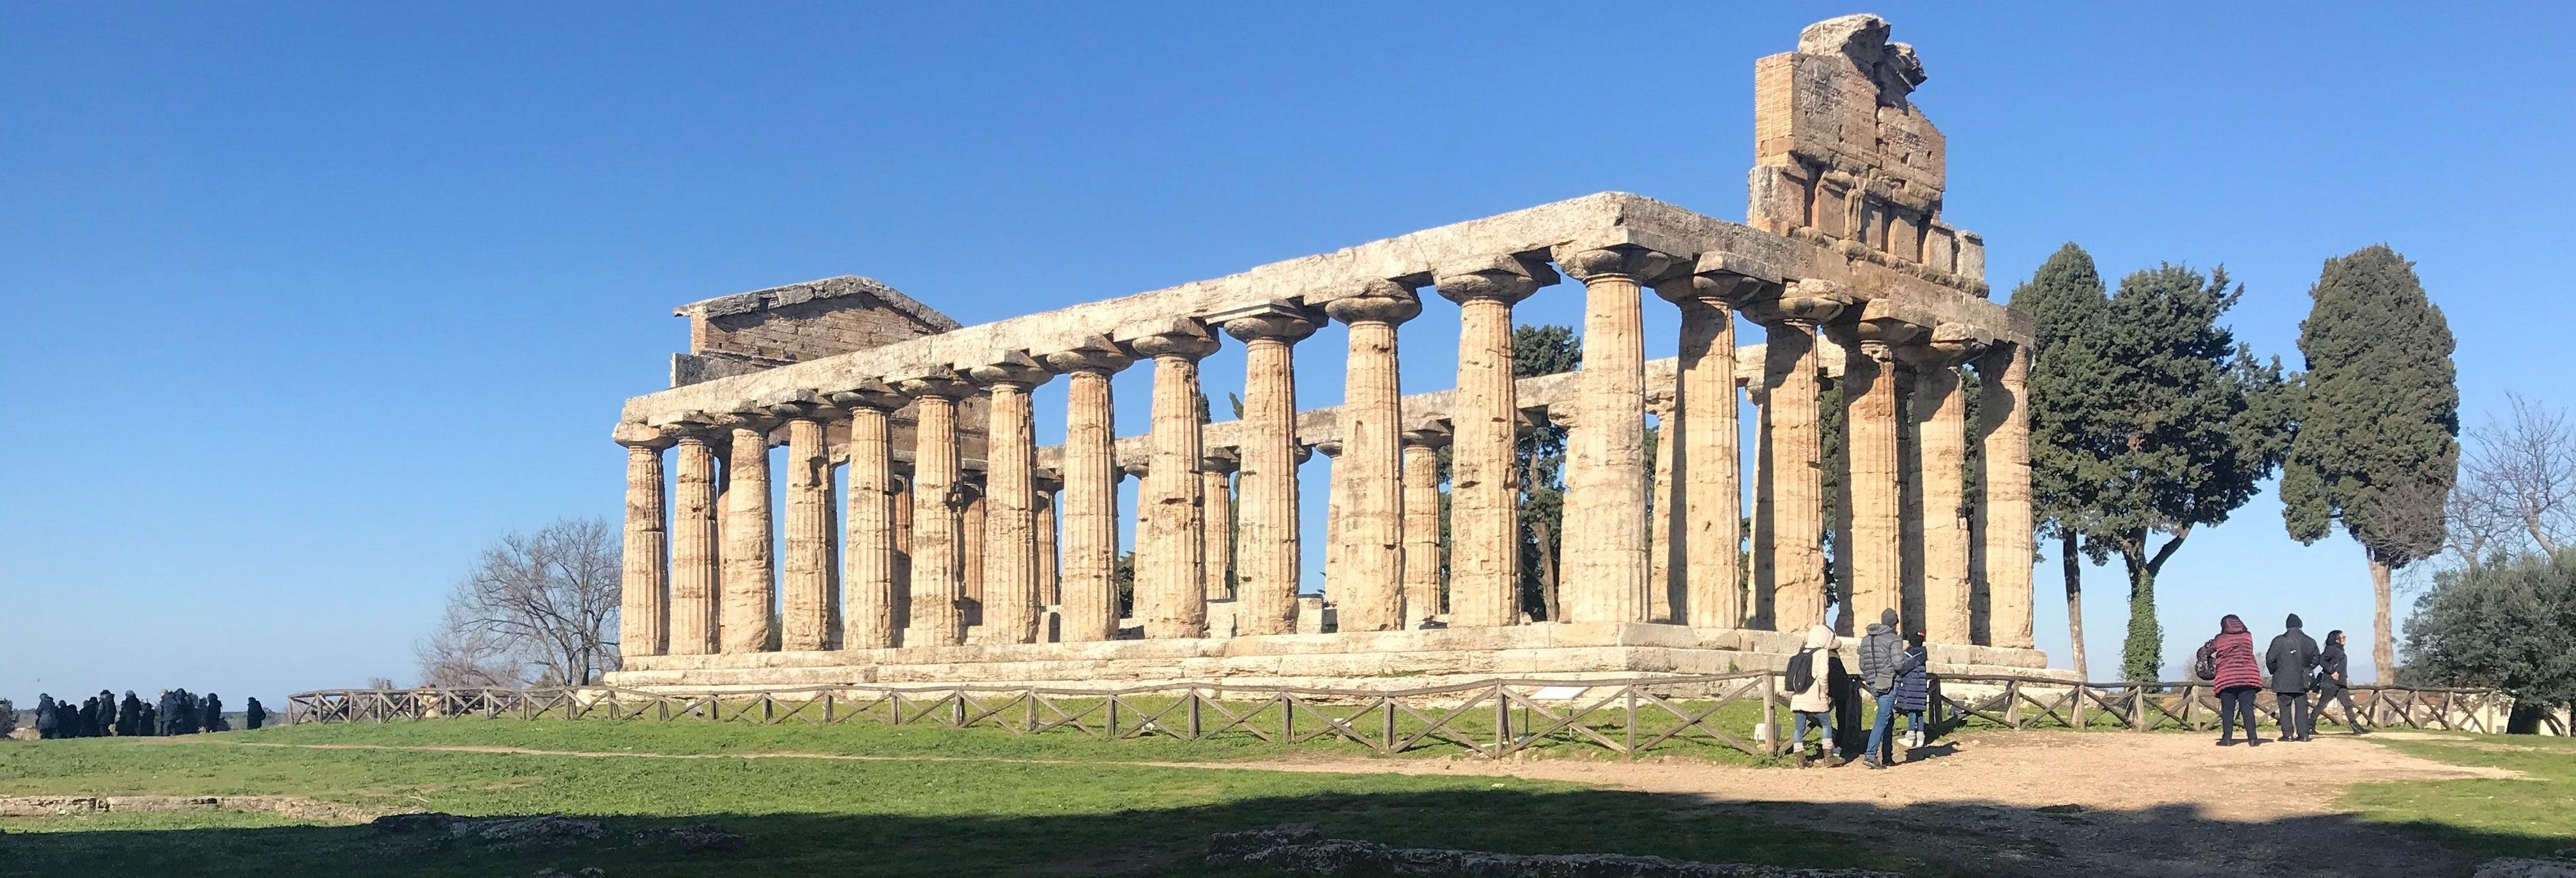 Excursão a Paestum